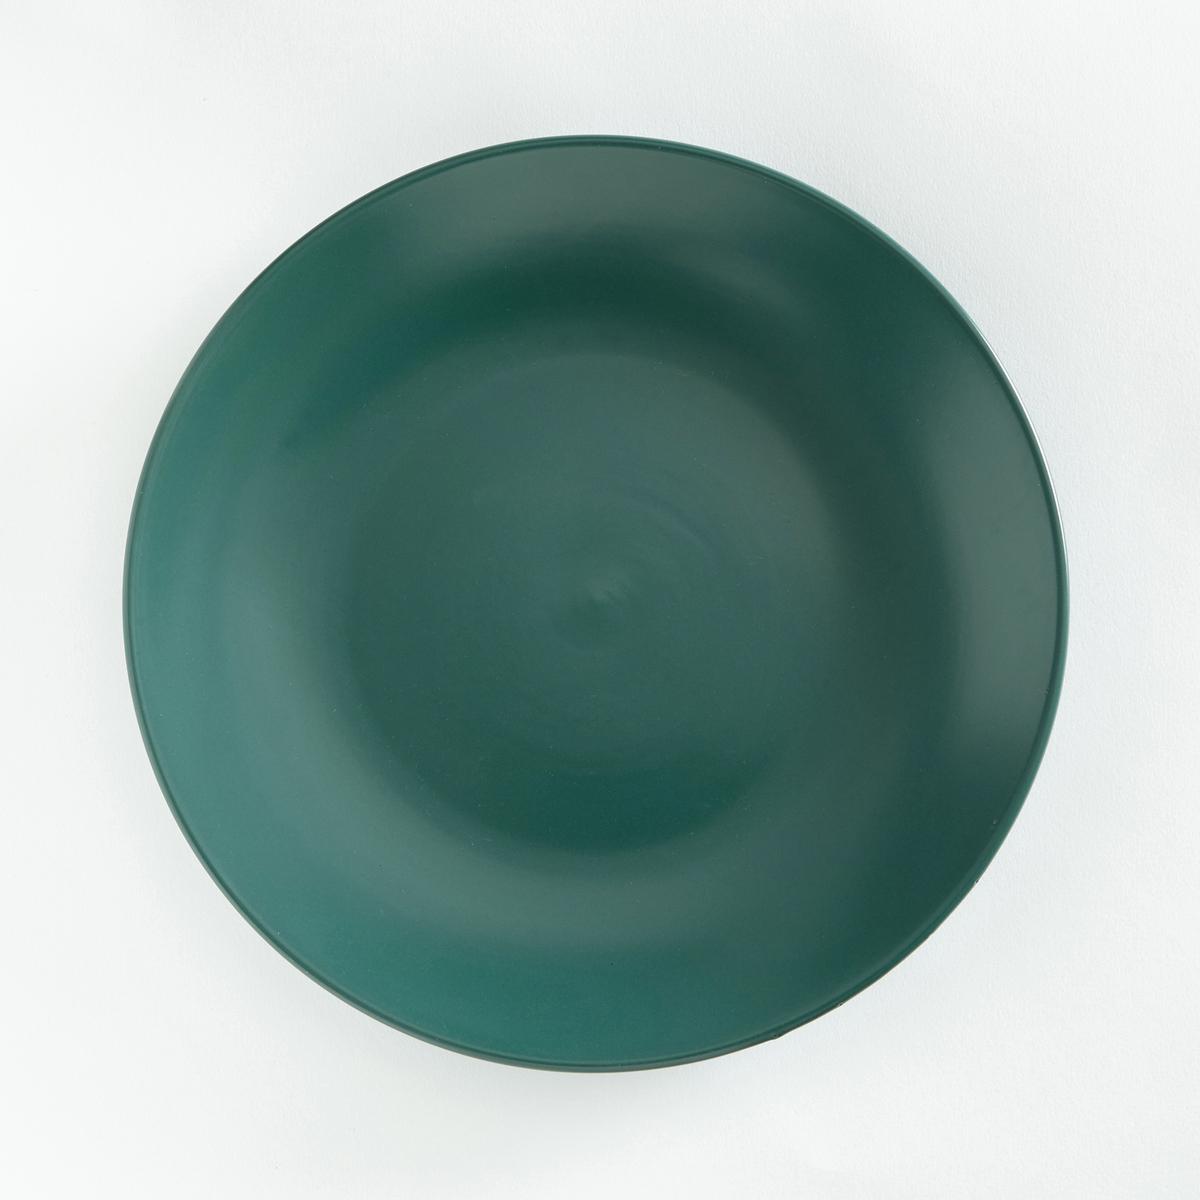 4 тарелки плоские из матовой керамики, AbessiХарактеристики 4 тарелок плоских из матовой керамики Abessi  :- Из керамики с матовой отделкой .- Диаметр 26,7 см  .- Можно использовать в посудомоечных машинах и микроволновых печах.Десертные и глубокие тарелки Abessi продаются на нашем сайте .<br><br>Цвет: зеленый